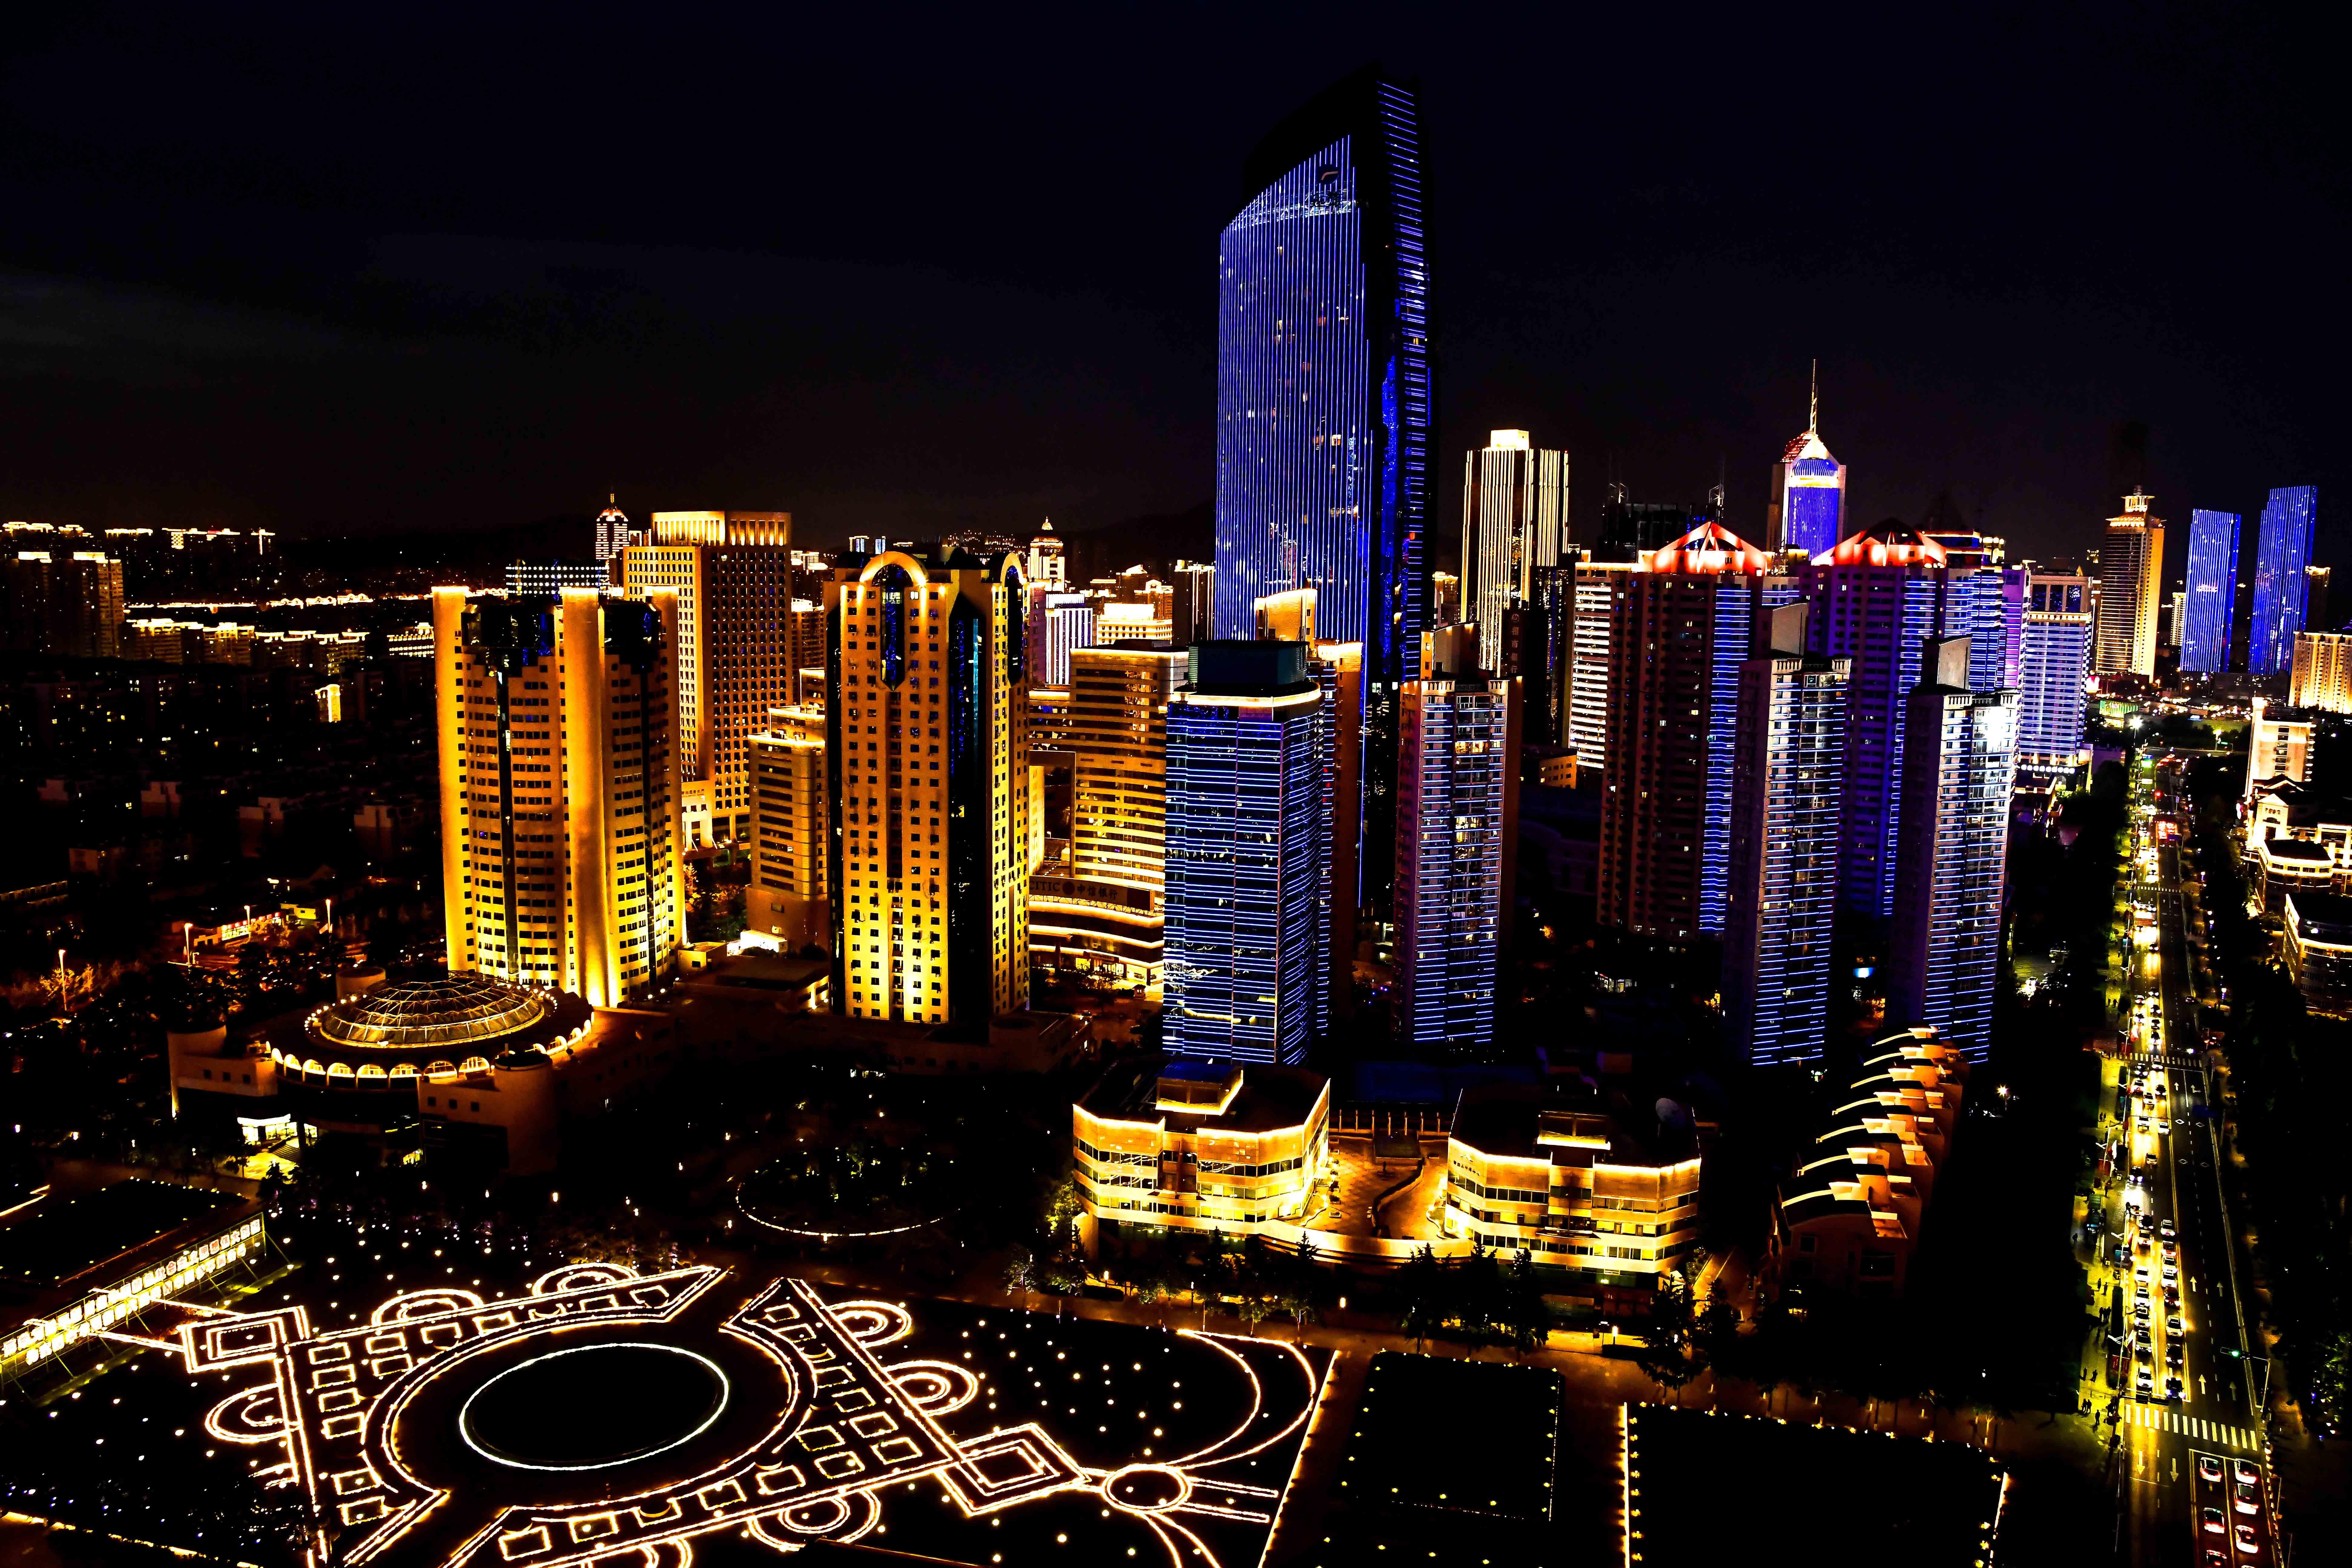 上海合作组织青岛峰会将于6月9日在青岛开幕。夜幕下的青岛灯光璀璨,以其迷人的夜色,迎接八方宾客。  ↑一名游客手中的气球倒映出青岛五四广场的夜景(6月1日摄)。 新华社记者金良快摄  ↑这是在青岛奥帆中心附近拍摄的夜景(6月4日摄)。新华社记者刘军喜摄  ↑这是青岛五四广场夜景(6月4日摄)。新华社记者马宁摄  ↑这是在青岛五四广场附近拍摄的夜景(6月2日摄)。新华社记者 郭绪雷 摄  ↑这是青岛浮山湾夜景(6月2日摄)。 来源:新华社